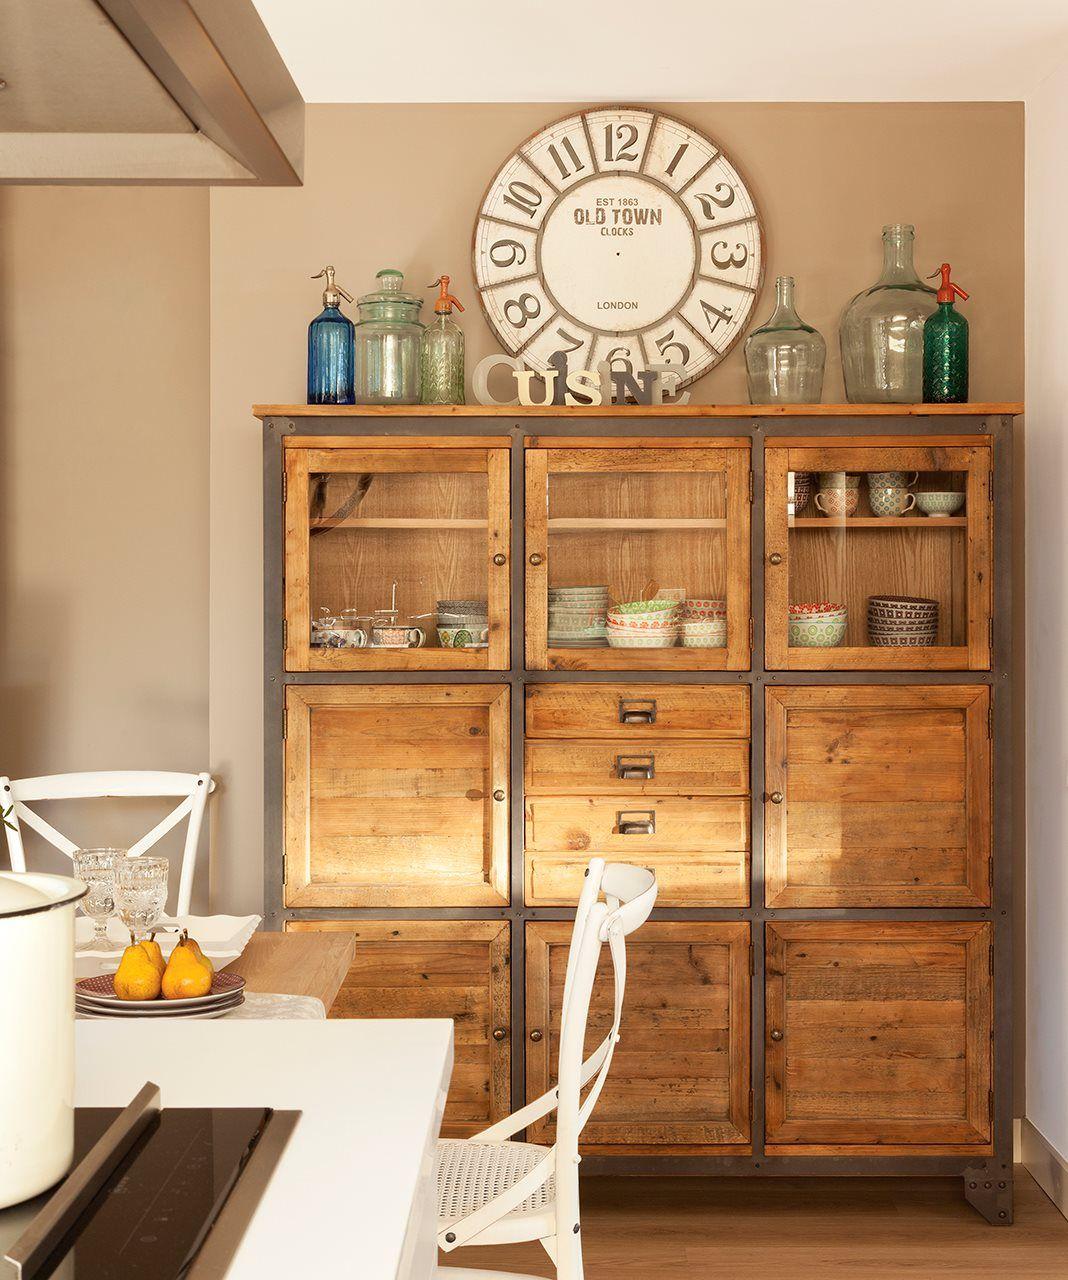 Office Con Mueble Vajillero R Stico Y Sifones Antiguos No Busques  # Muebles Vajilleros Para Comedor